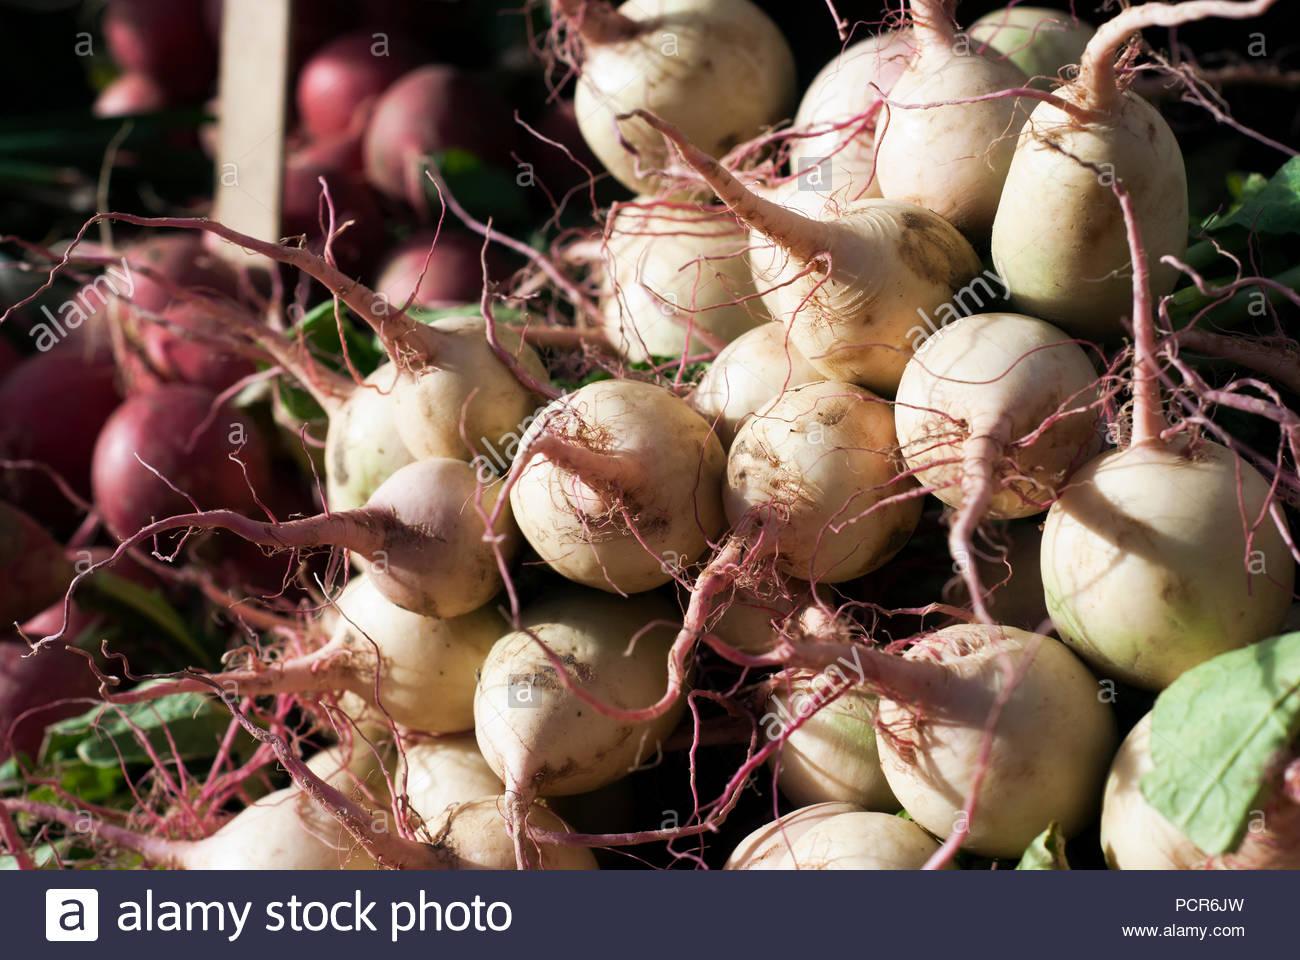 Navets fraîchement récolté s'asseoir sur l'affichage à un marché agricole. Photo Stock